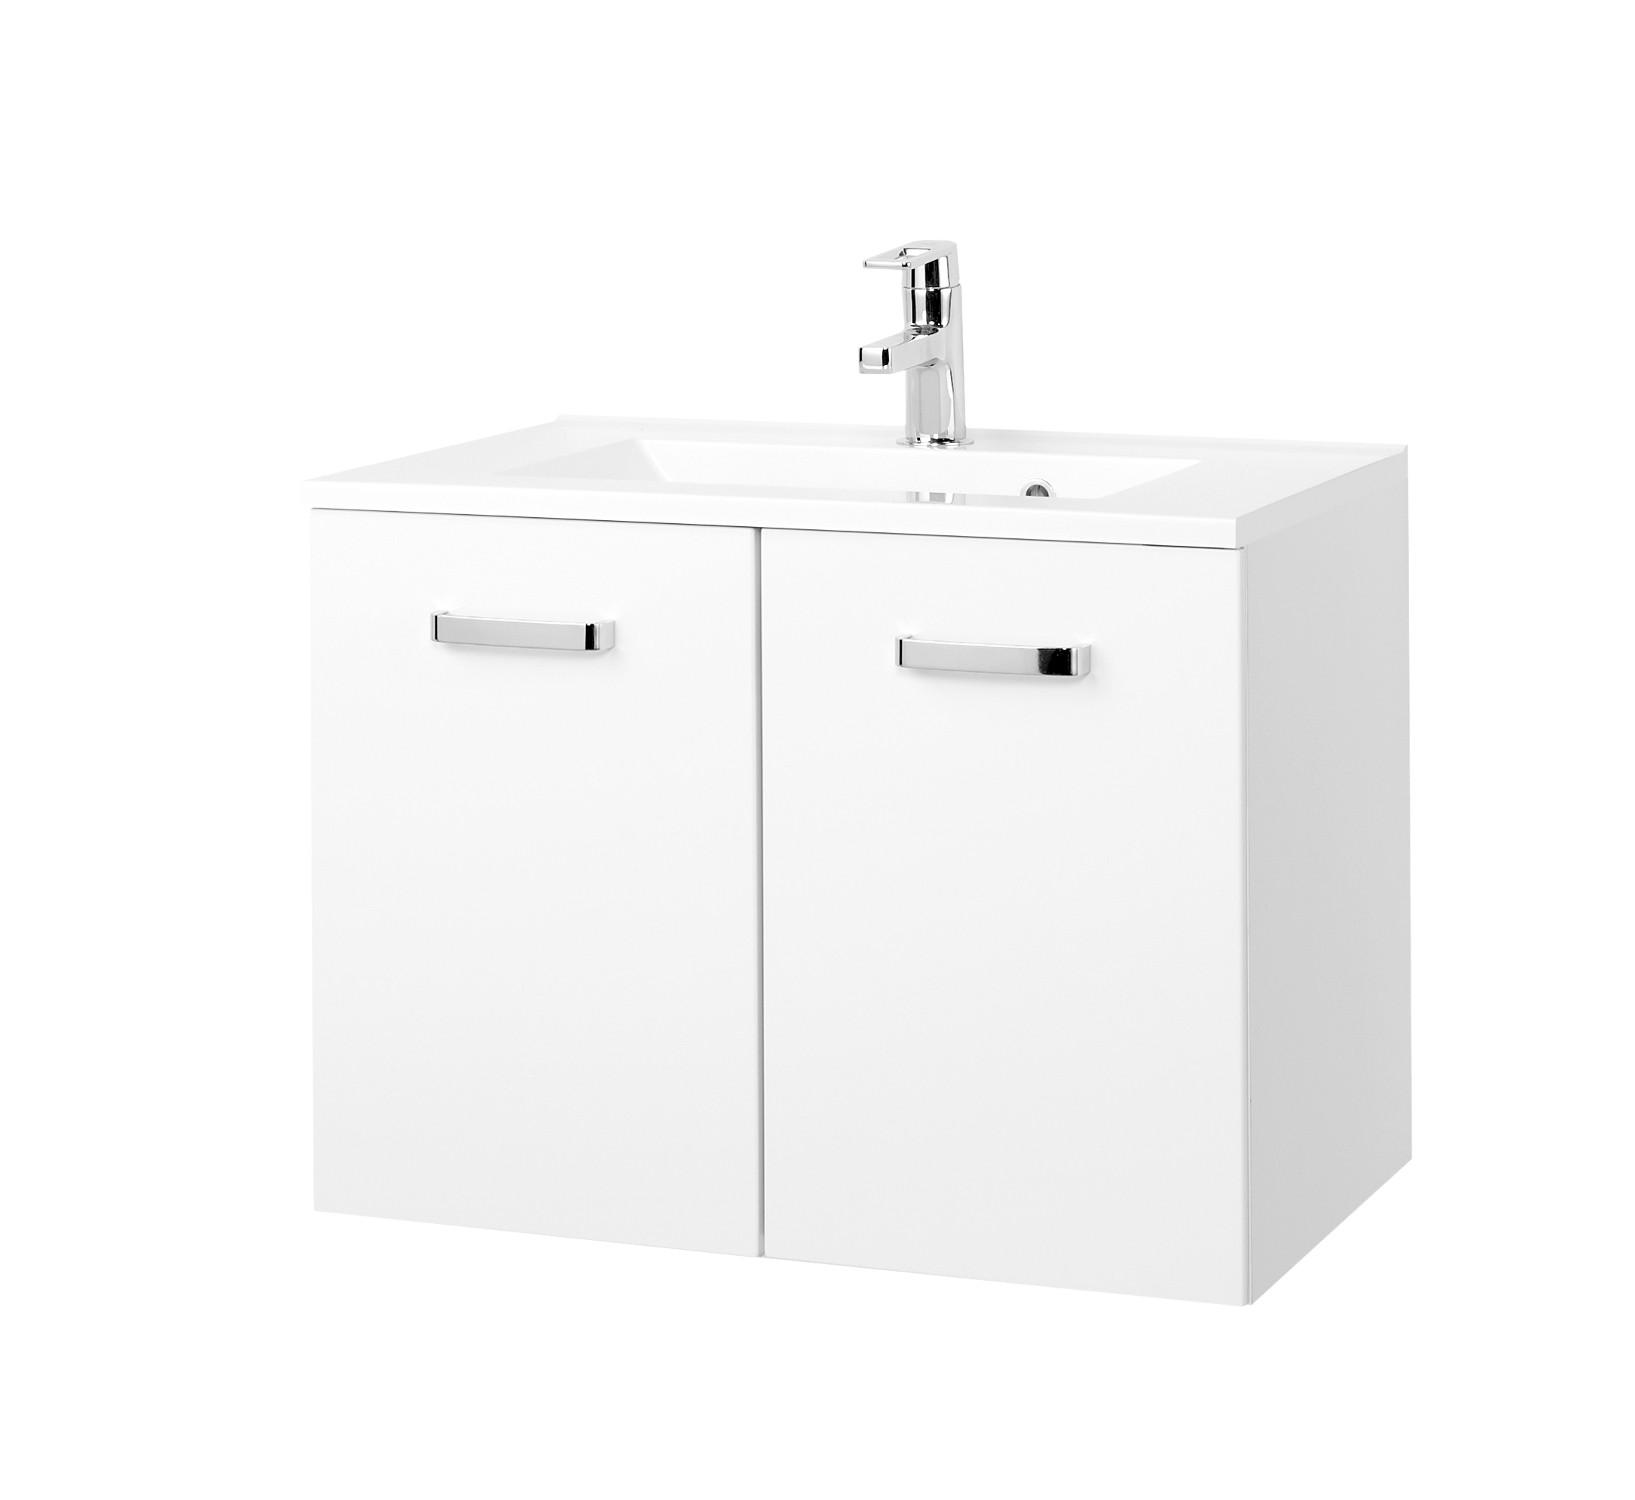 waschbecken mit unterschrank 2 t ren waschtischunterschrank 70 cm hochglanz wei ebay. Black Bedroom Furniture Sets. Home Design Ideas